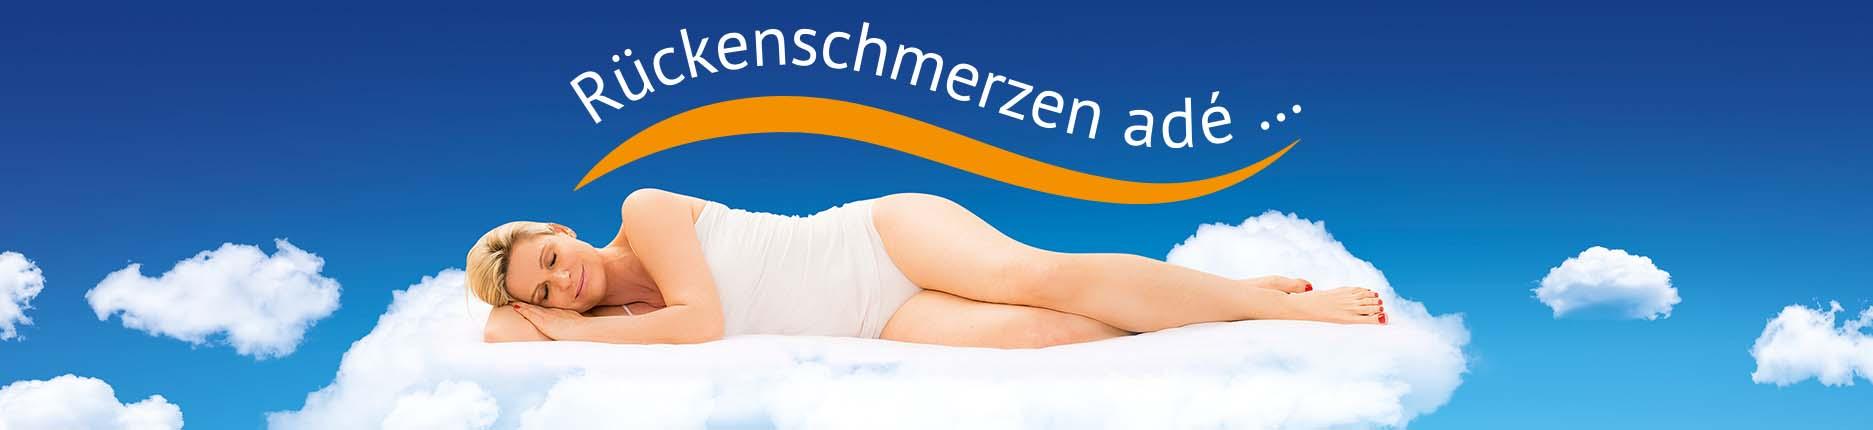 Schlafende Frau auf ERGOFITair-Matratze